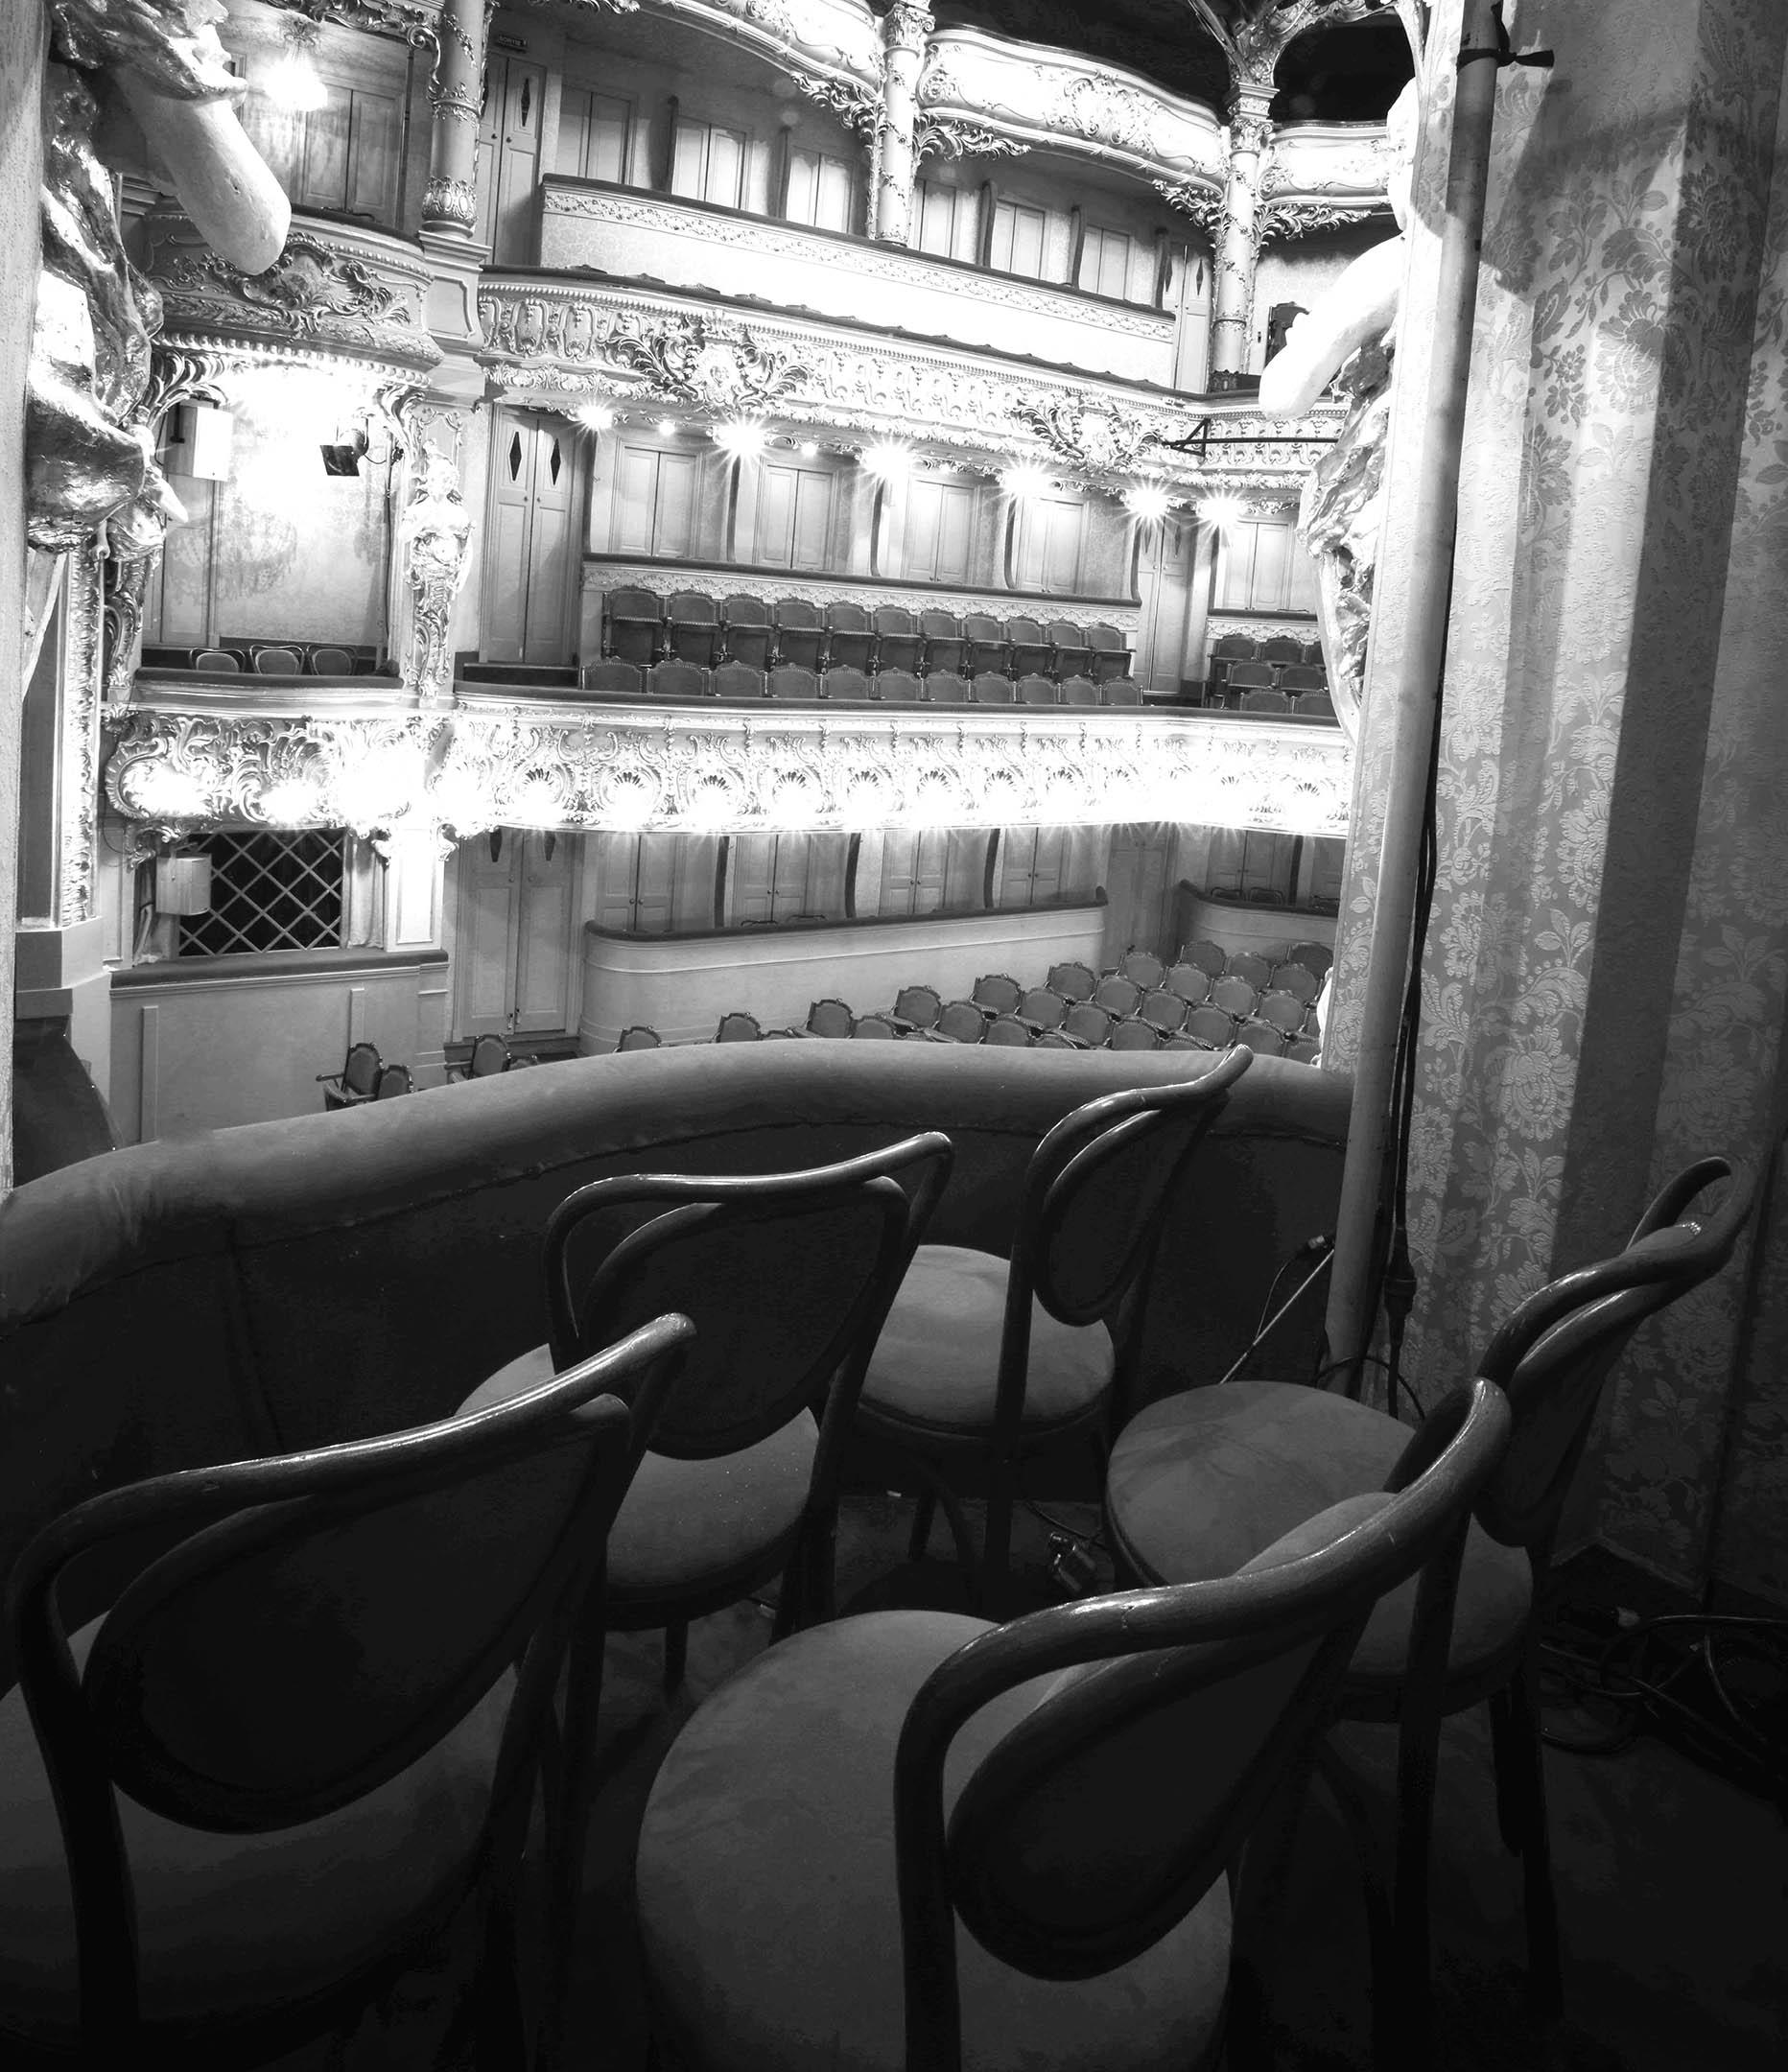 théâtre Louis Jouvet